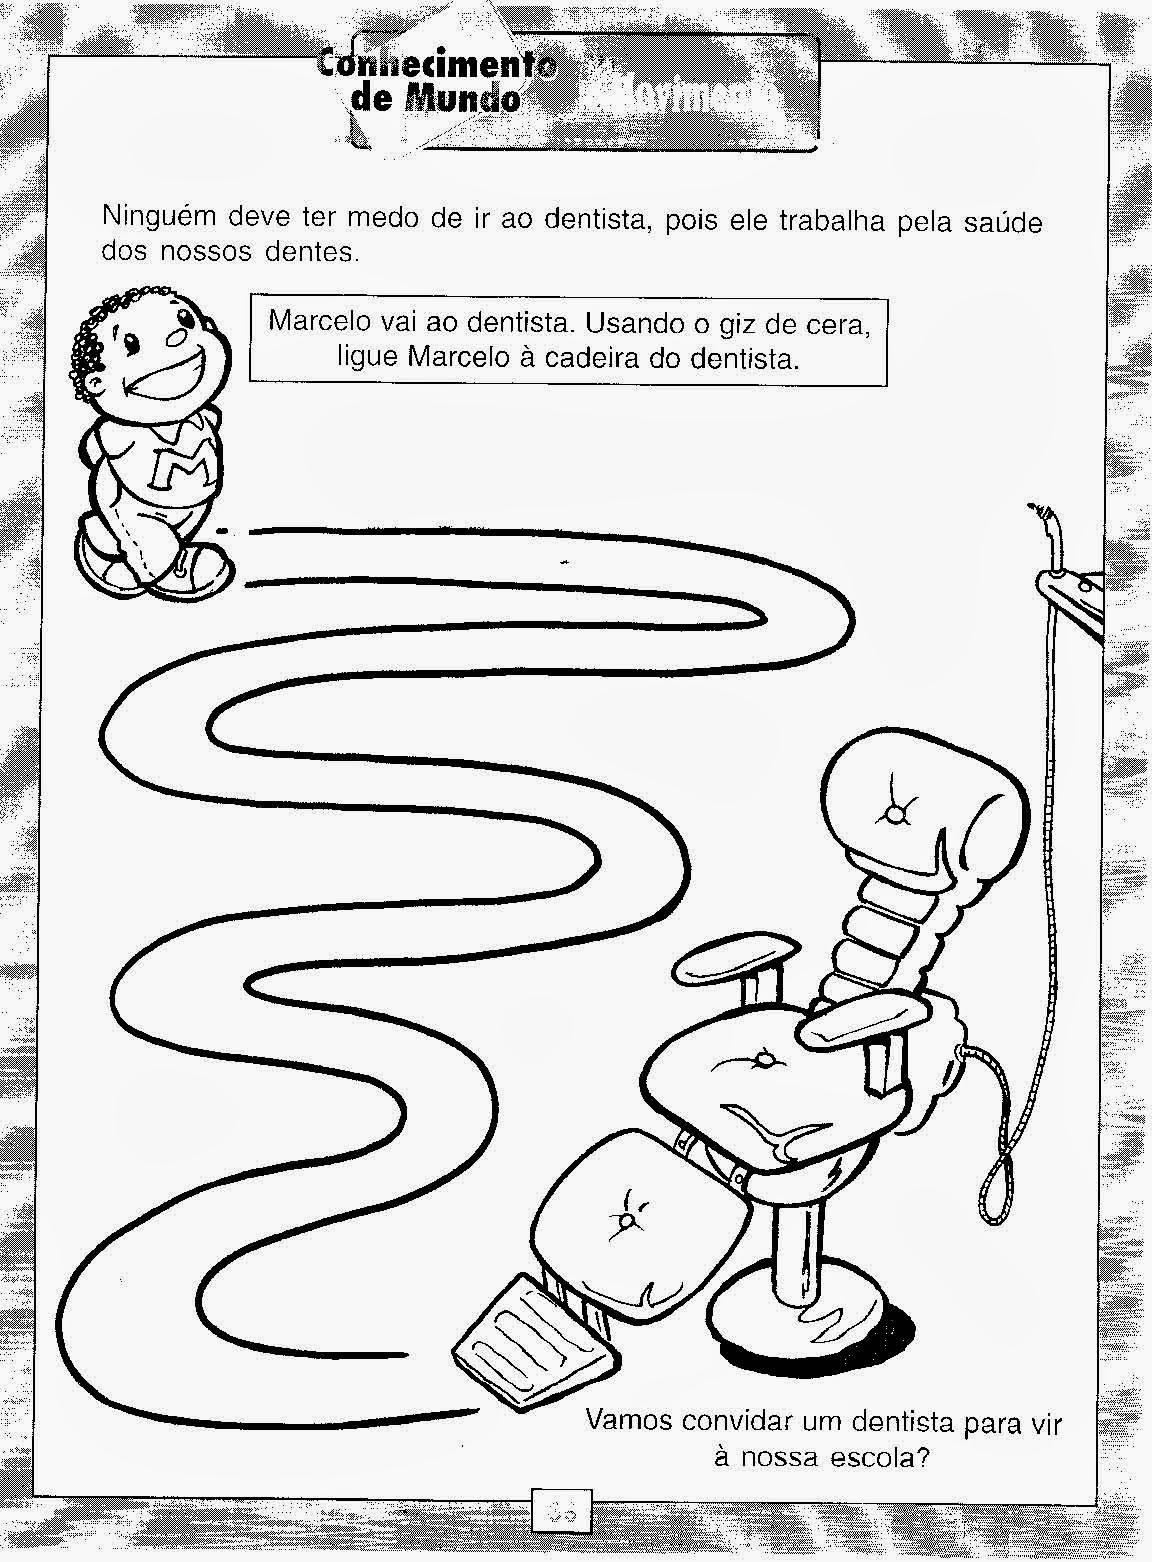 Excepcional Educar X: Atividades sobre higiene para educação infantil IZ38